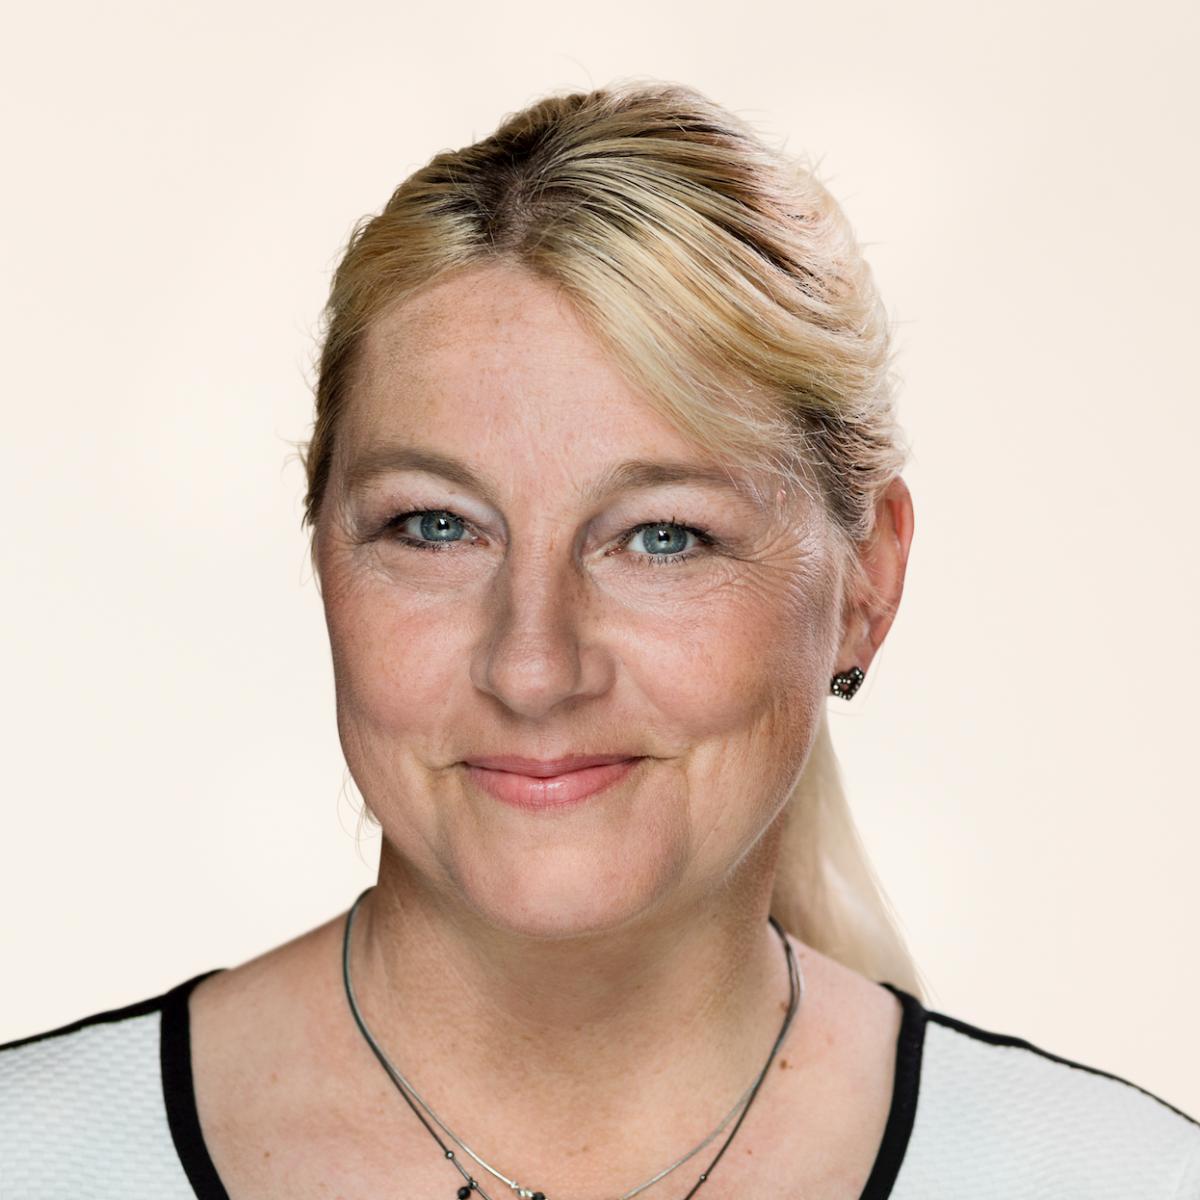 DAGENS POLITIKER: Børneordfører Pernille Bendixen (O)